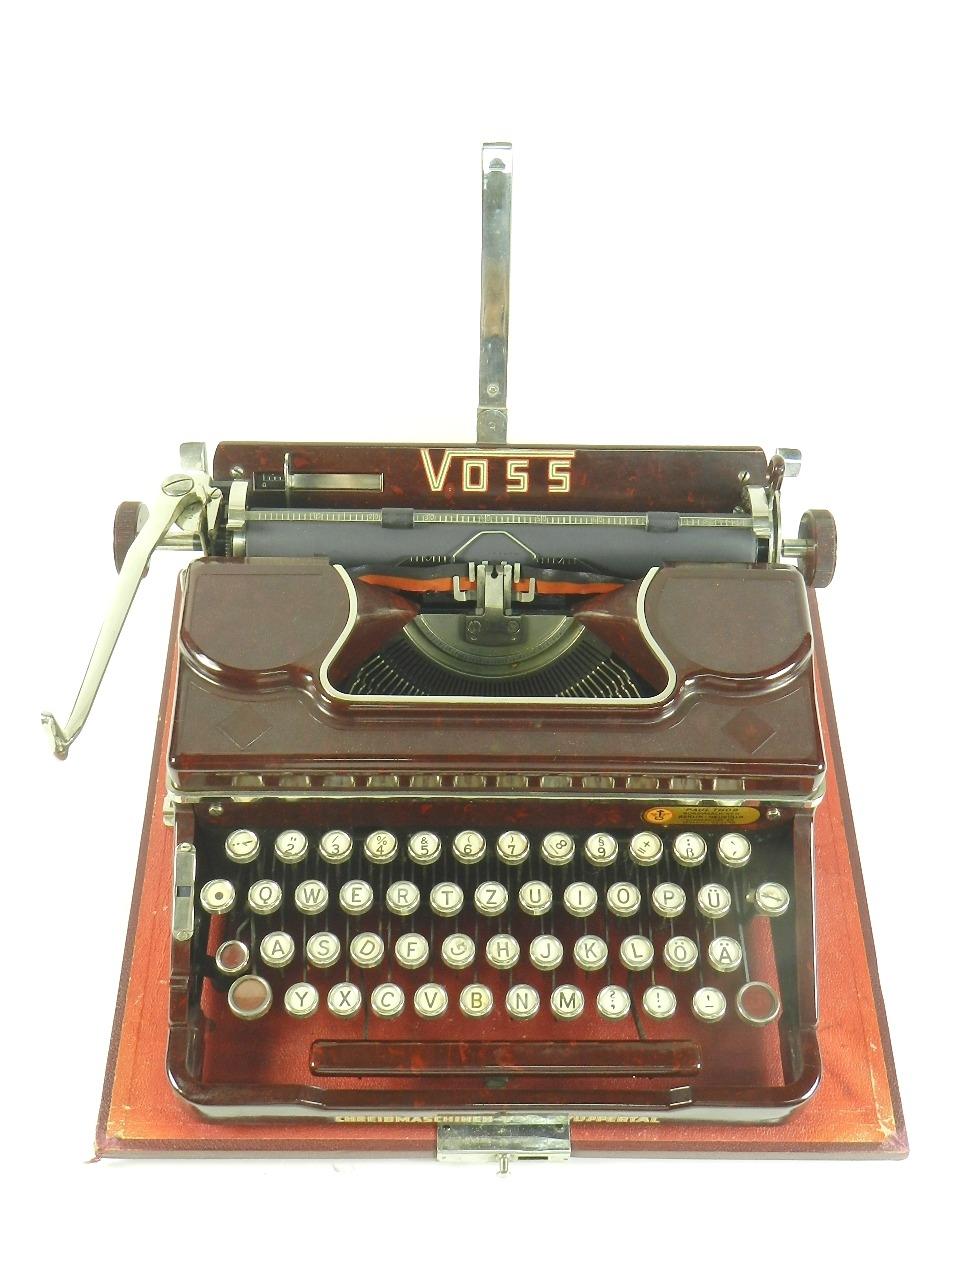 Imagen VOSS AÑO 1950  BAQUELITA ROJA 29630